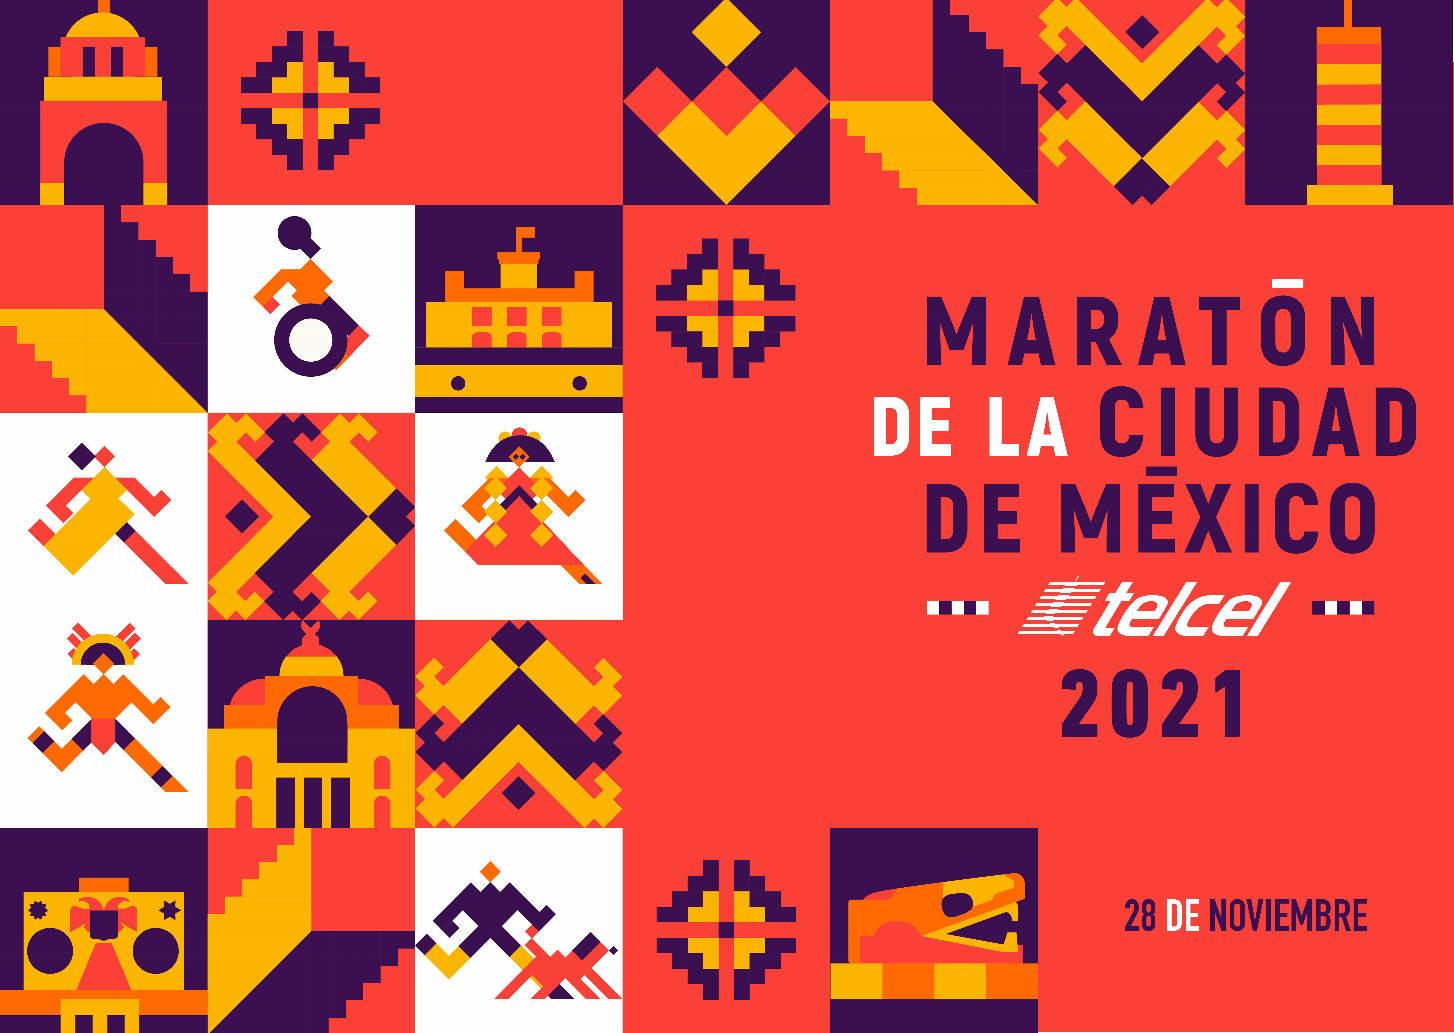 Maratón de la Ciudad de México 2021presencial